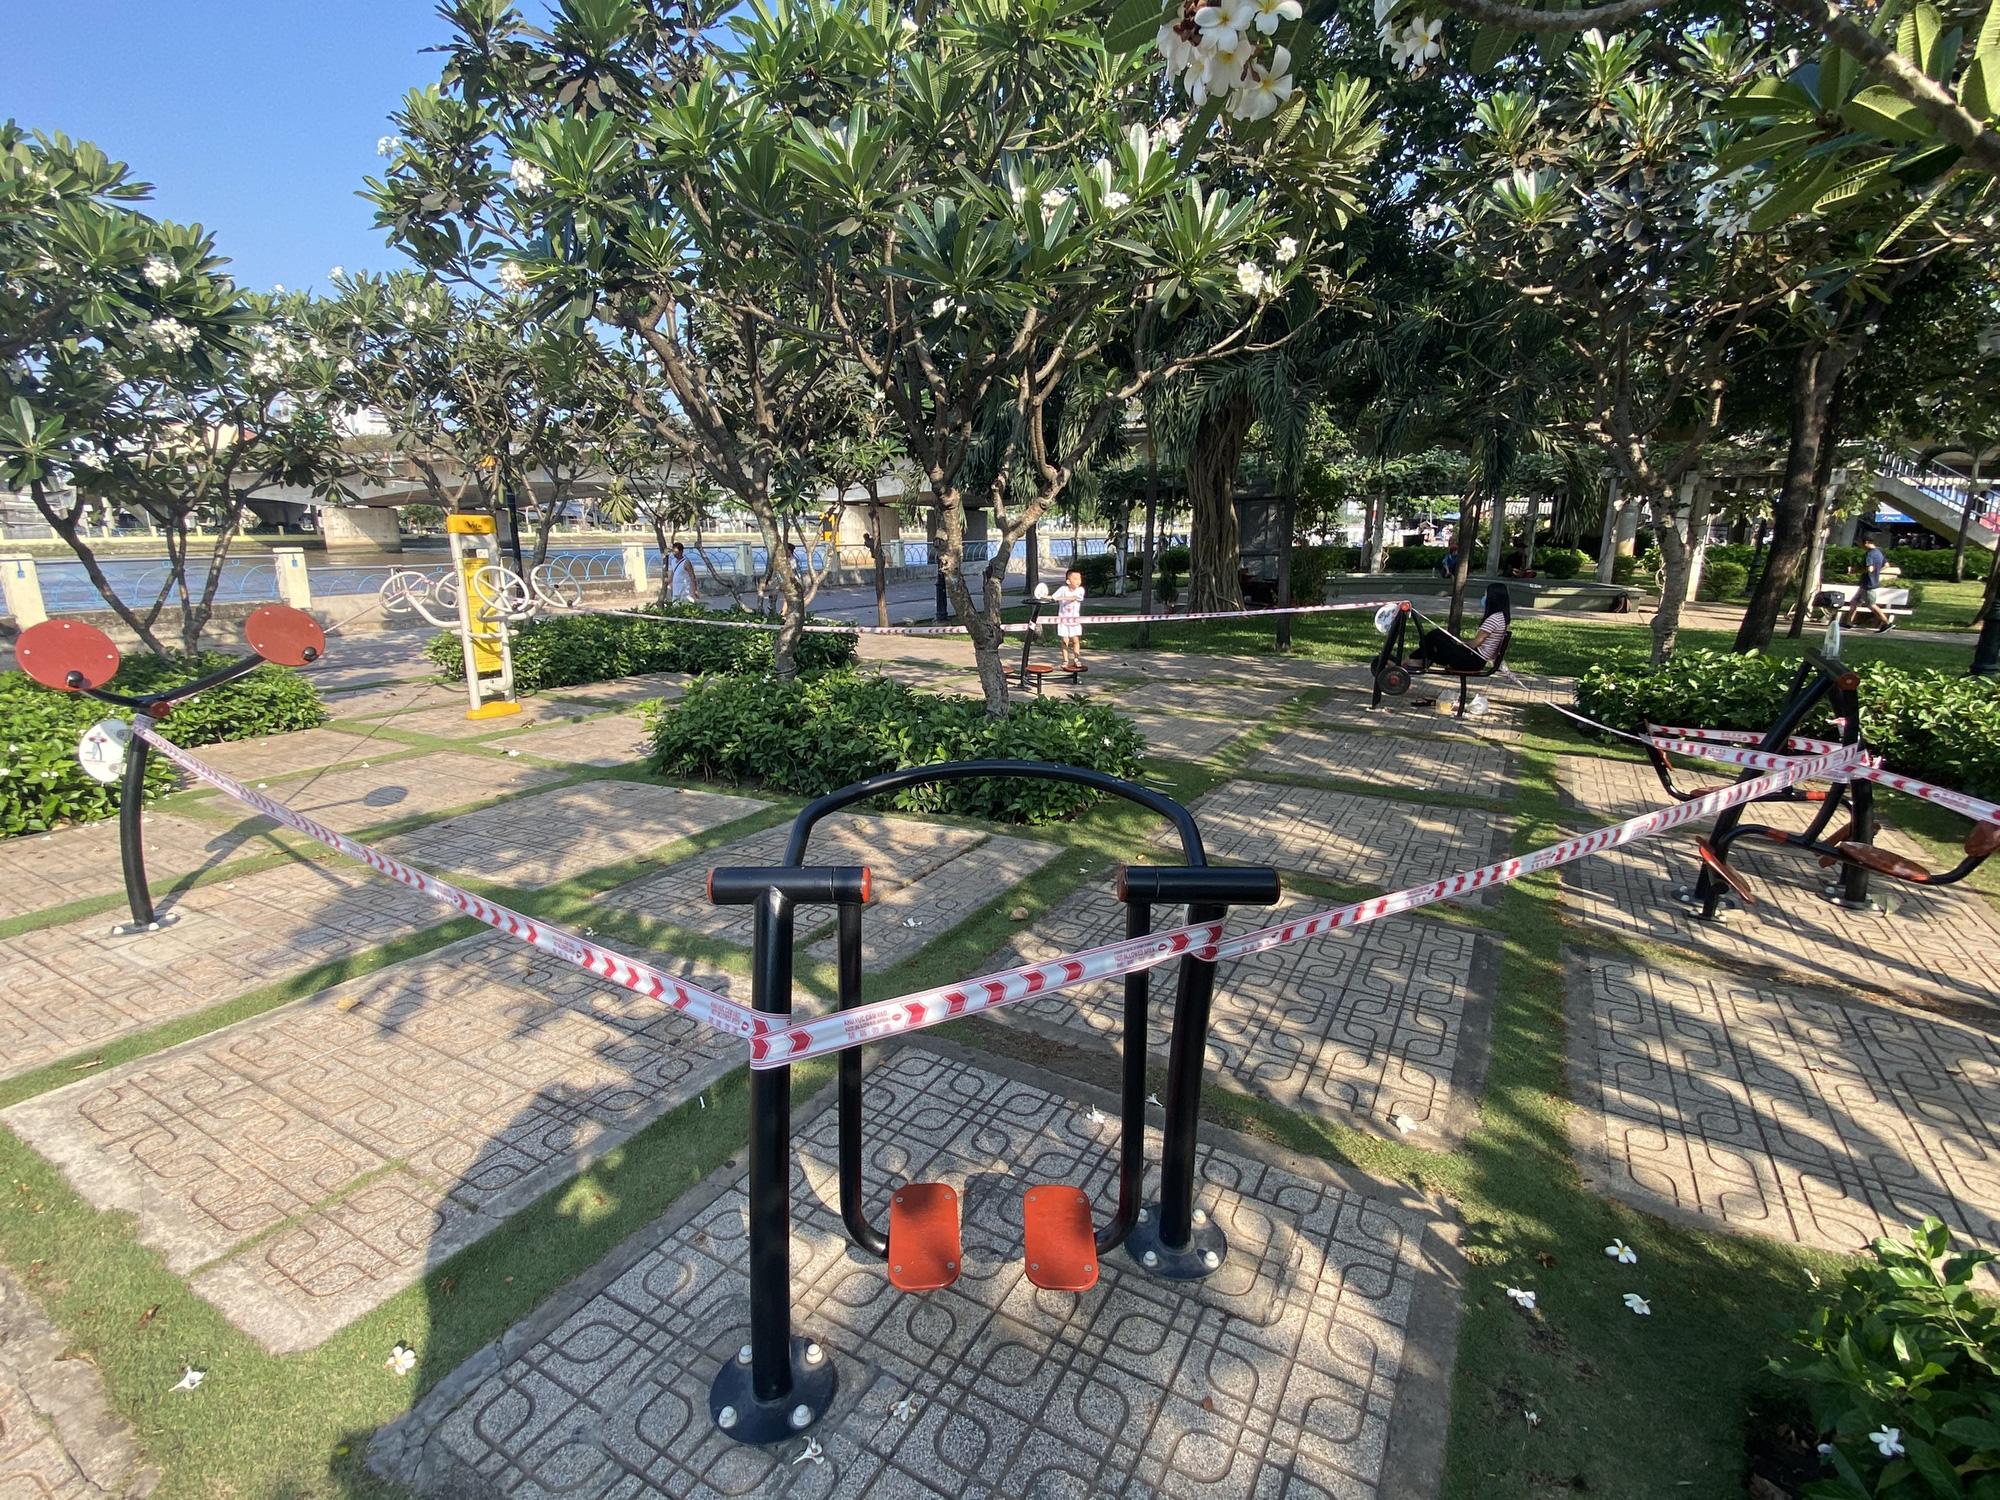 TP.HCM: Sân chơi công viên vắng ngắt, máy tập thể dục bị niêm phong sau lệnh tạm ngưng hoạt động phòng chống dịch Covid-19 - Ảnh 13.